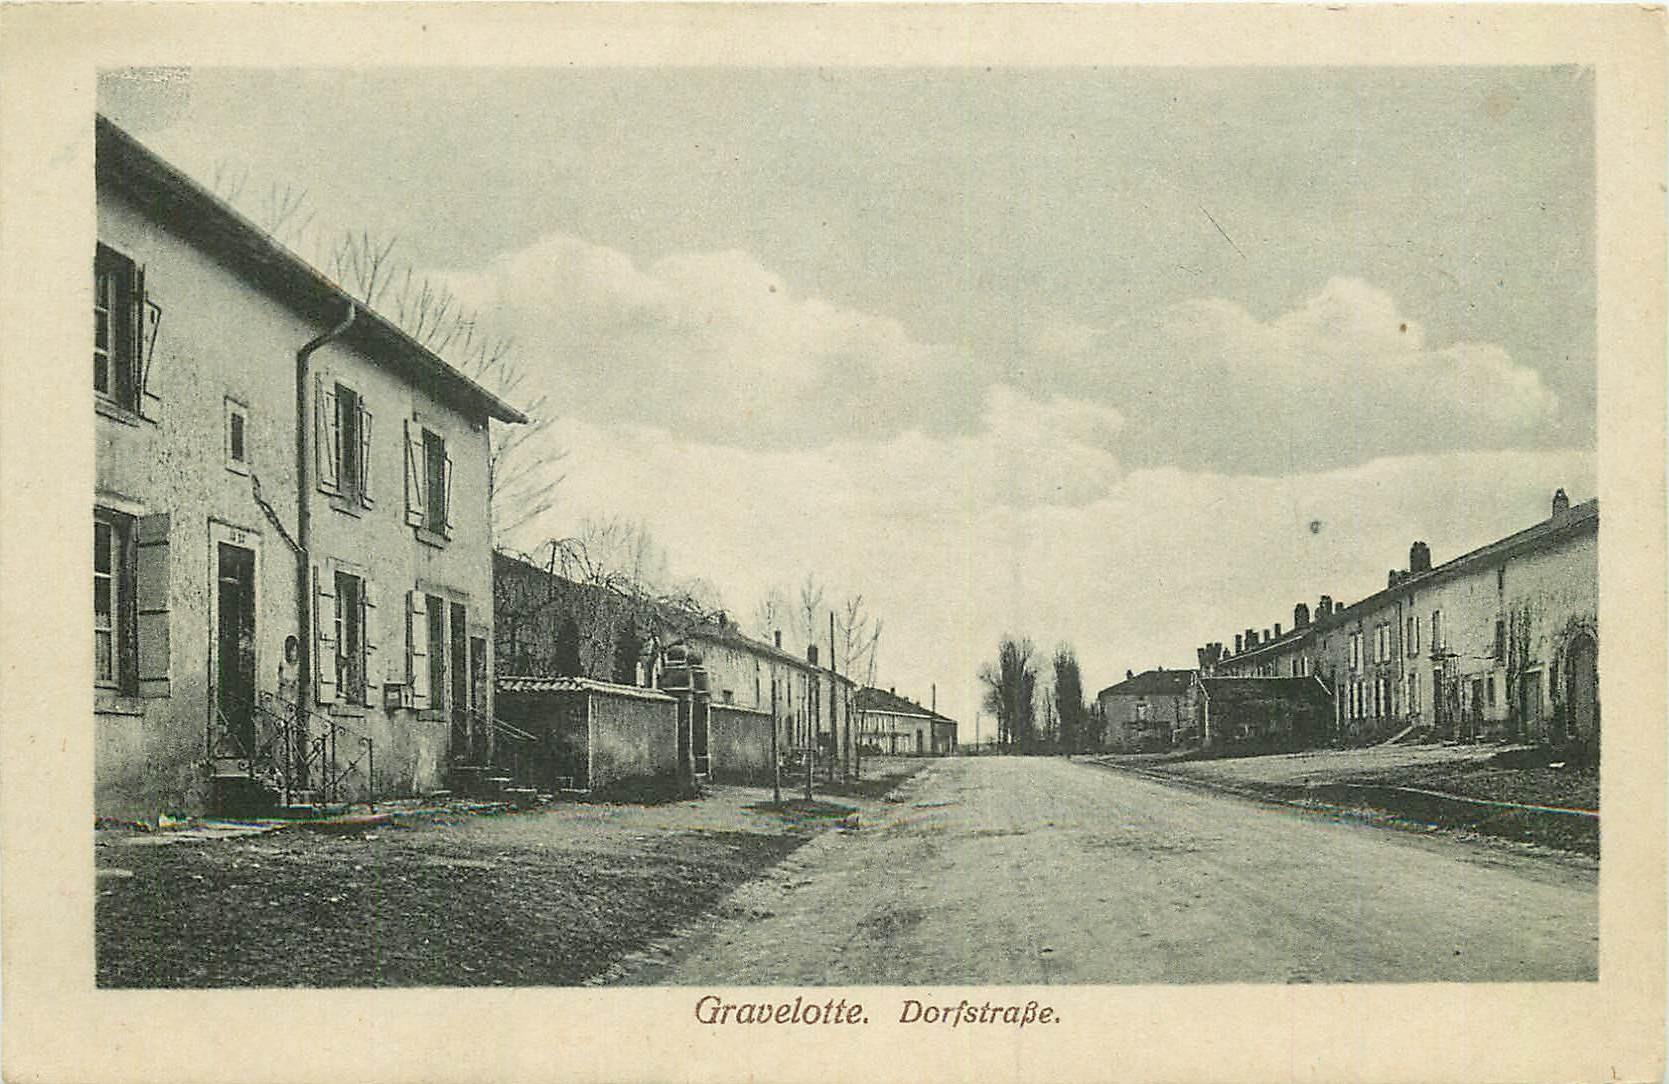 WW 57 GRAVELOTTE. Dorfstrasse 1919